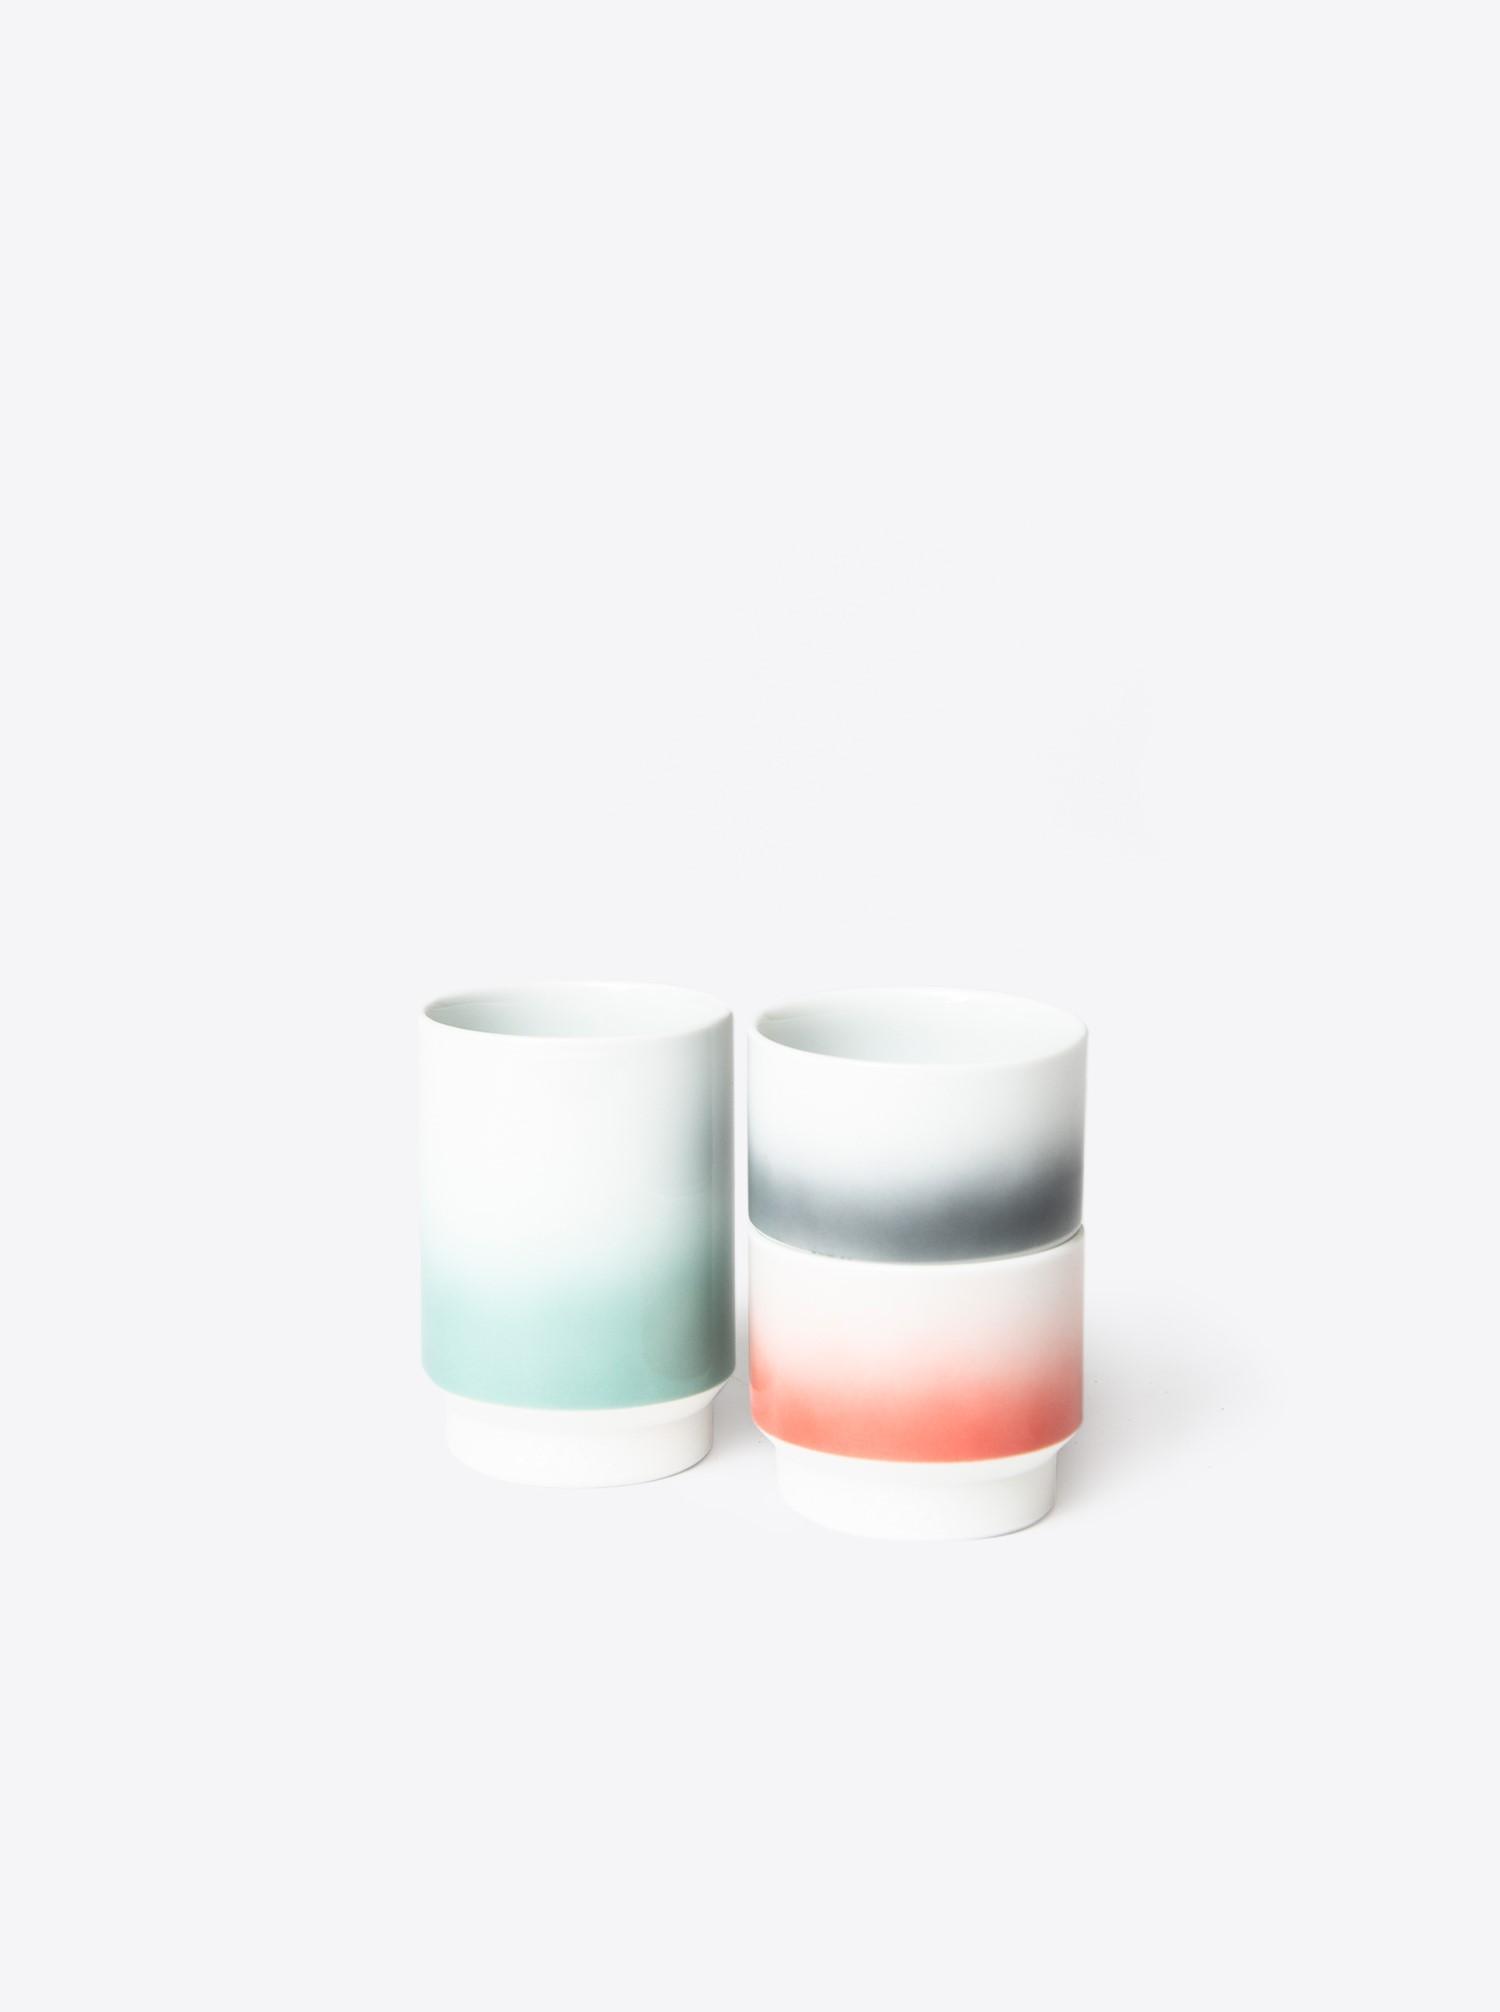 Teacup Hasami M grey